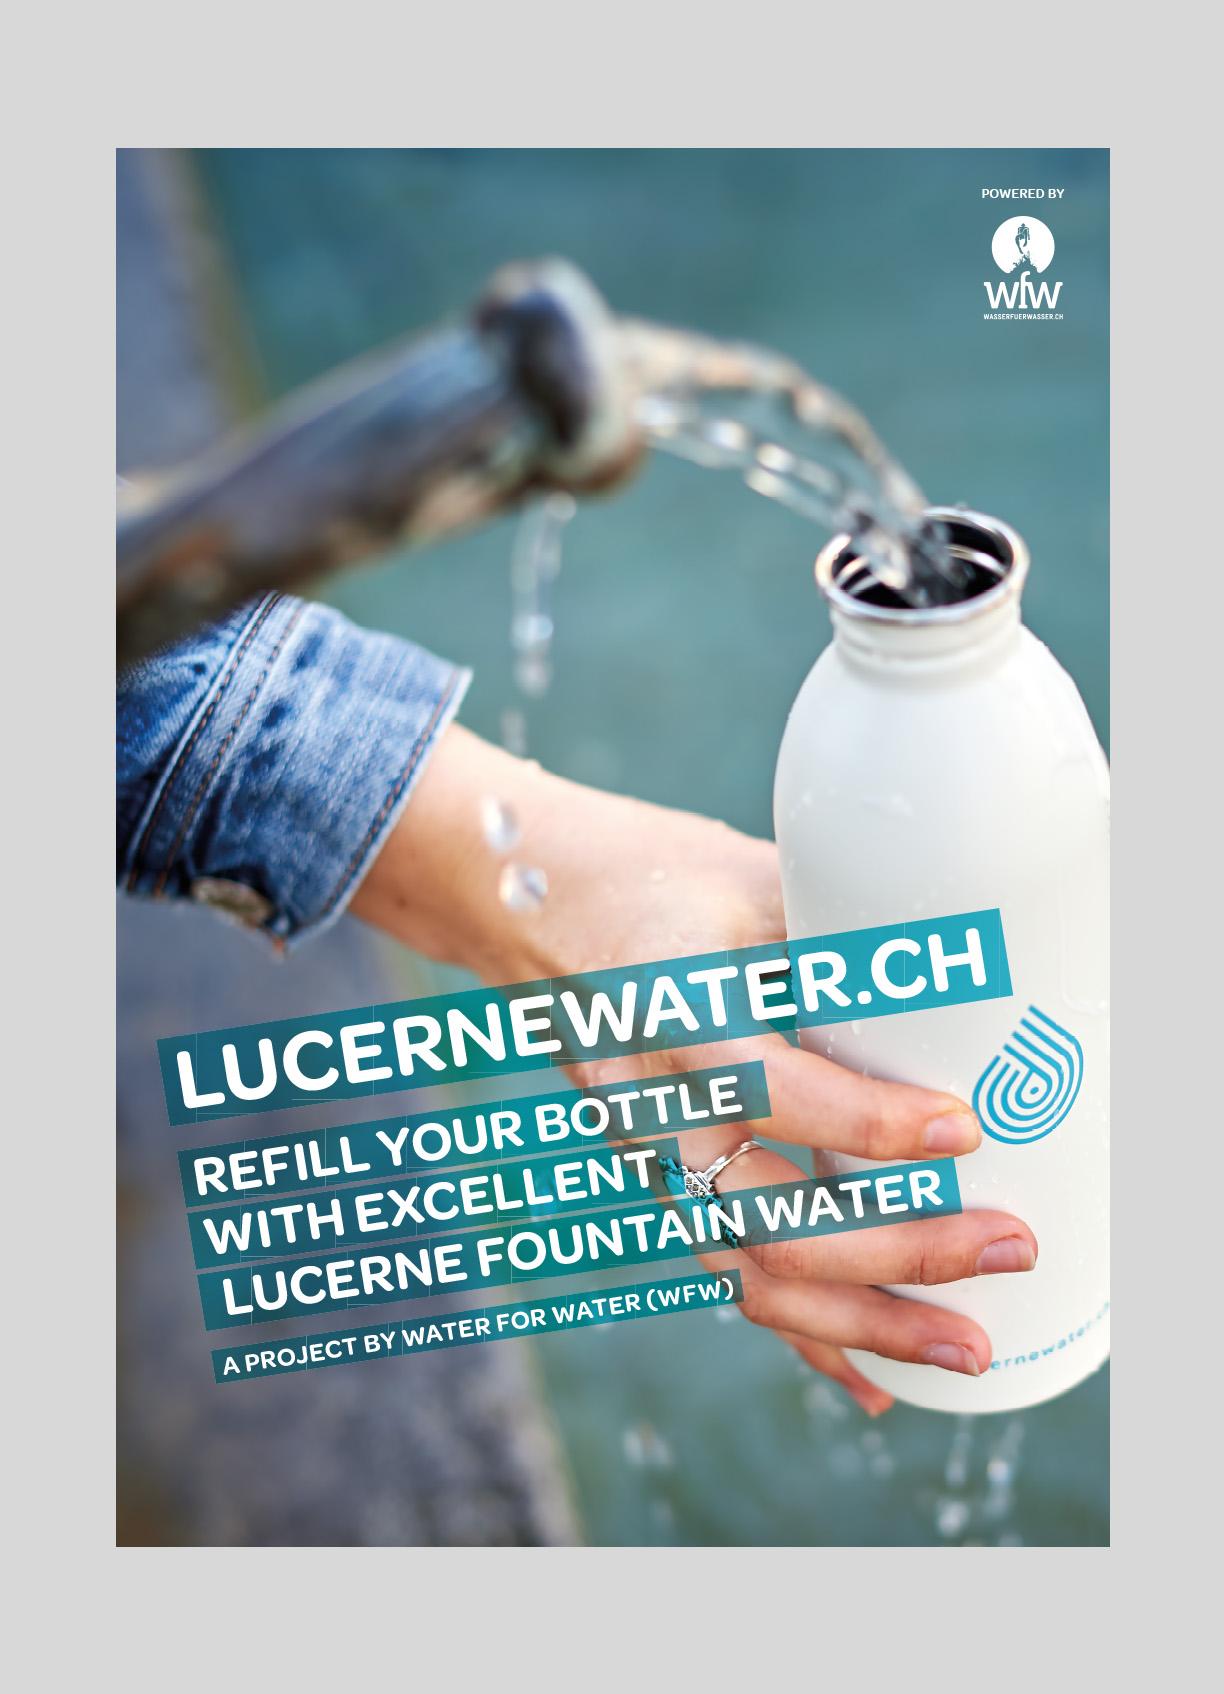 Wasser für Wasser (WfW) – lucernewater | 2017  Brunnenguide und Informationen der Stadt Luzern und WfW.